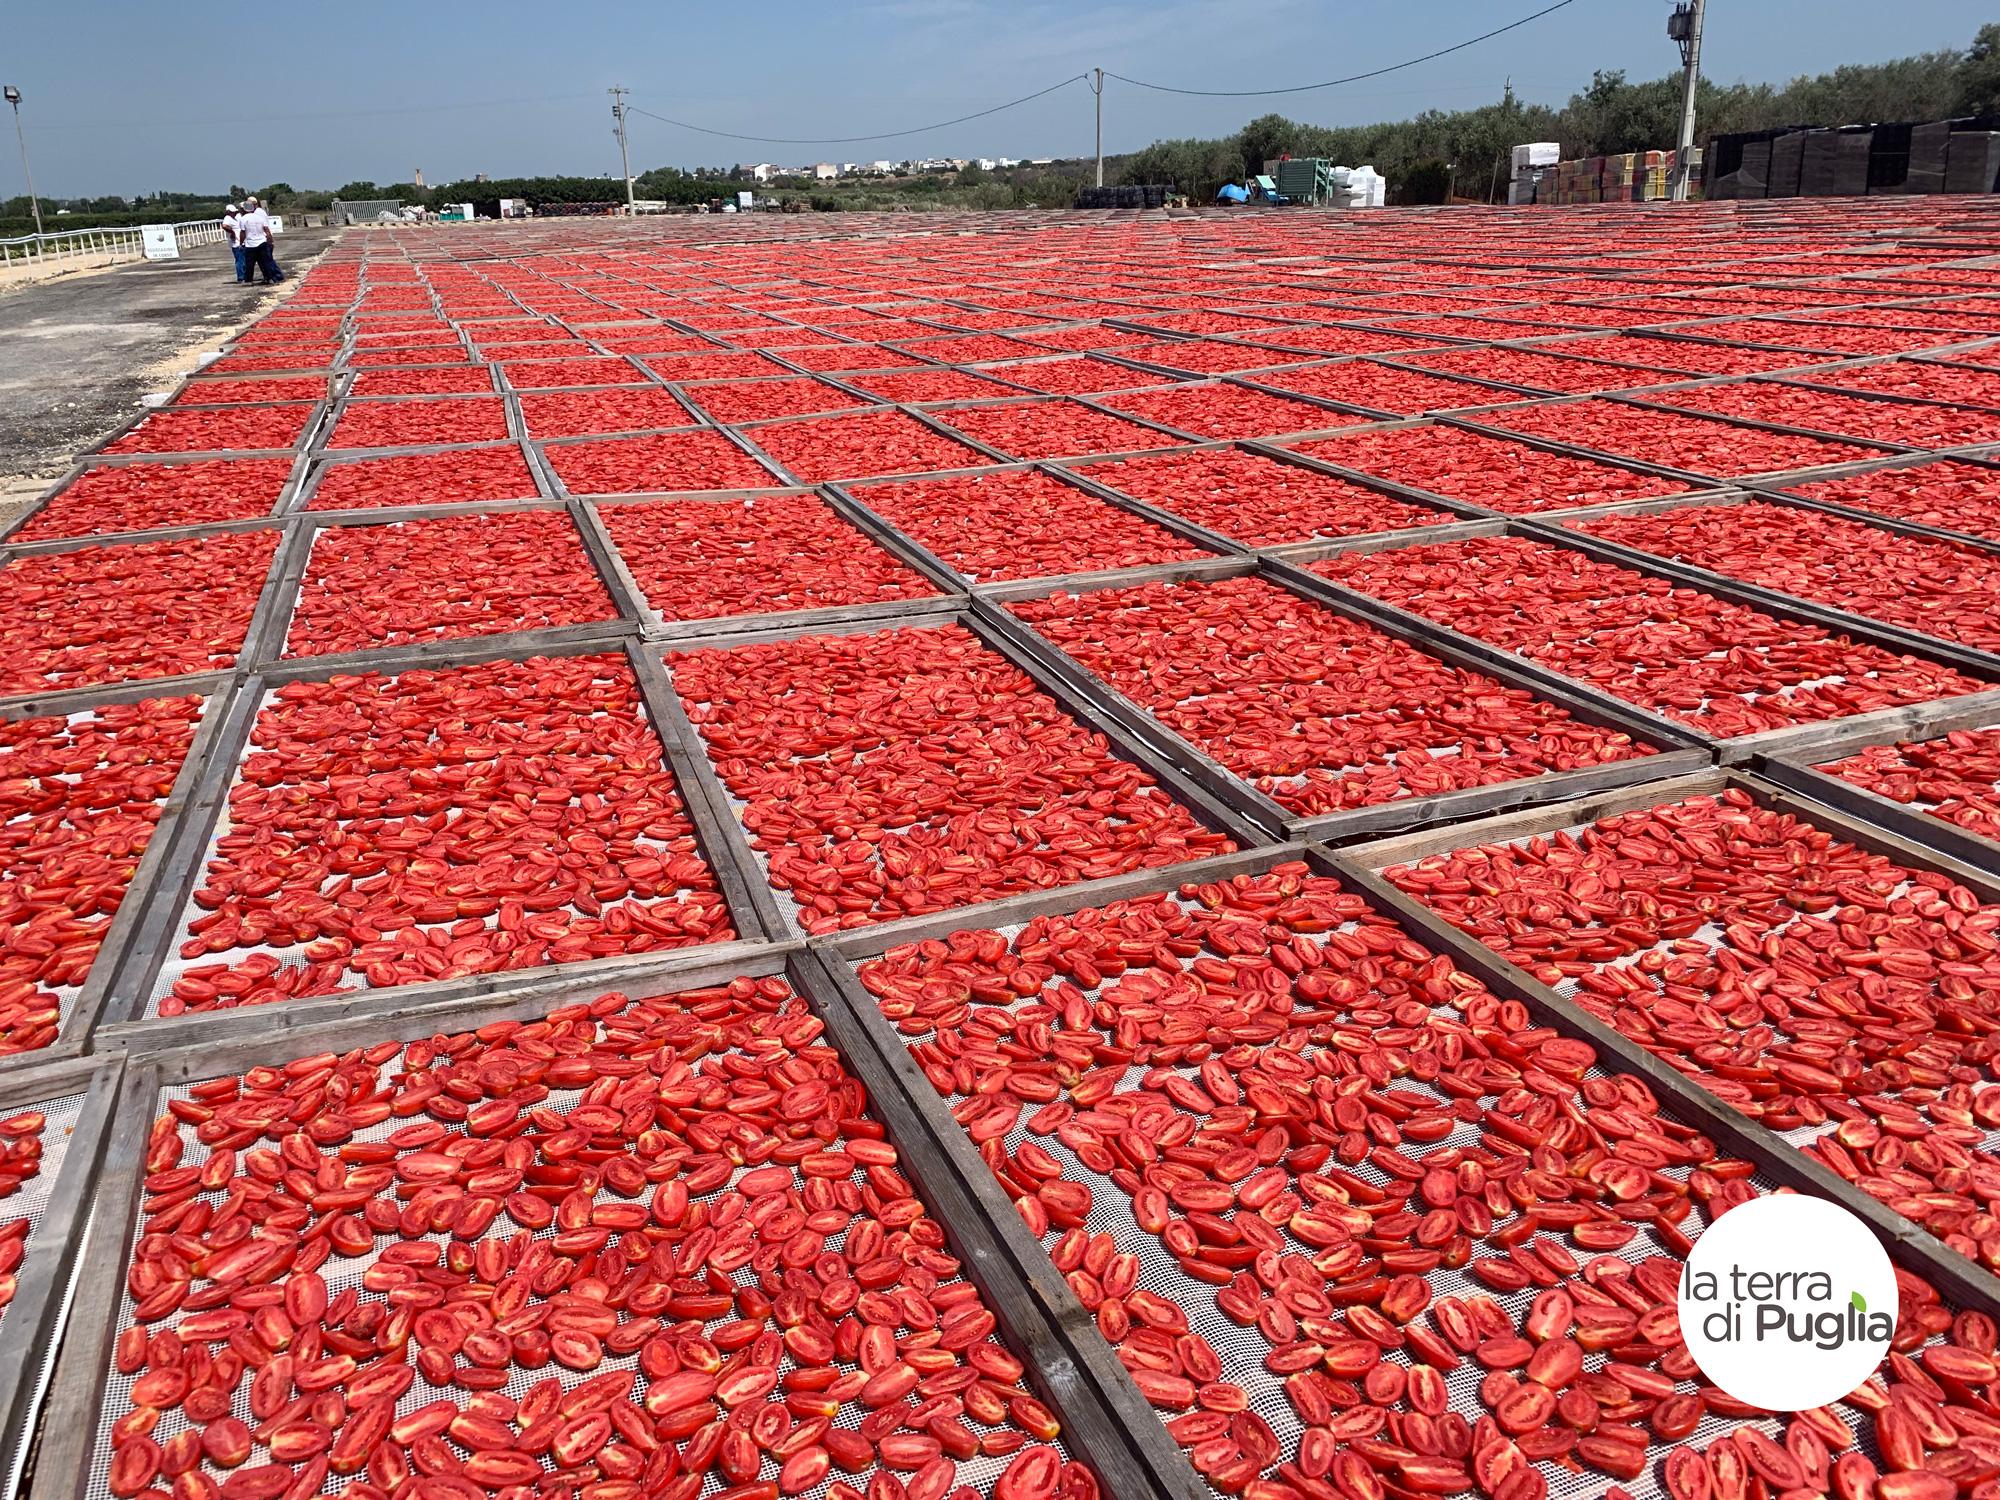 pomodori-secchi-1